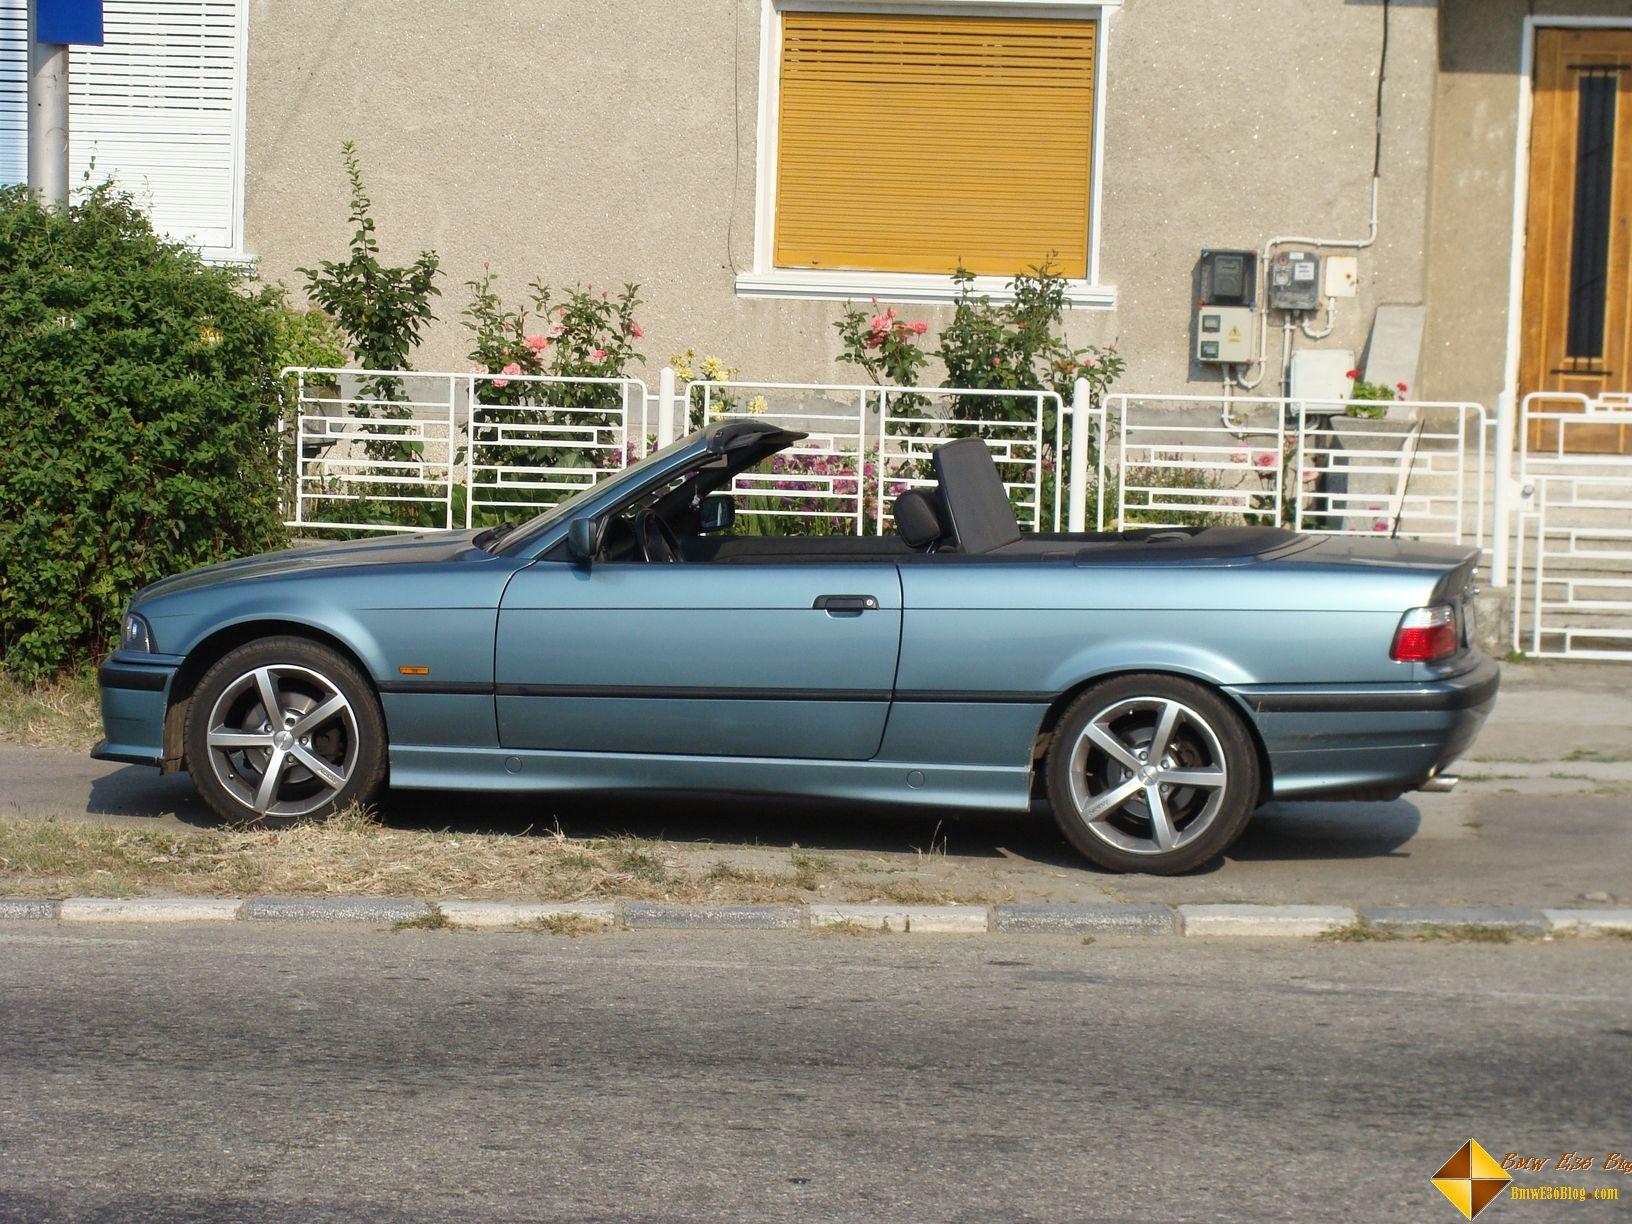 photos convertible bmw e36 convertible bmw e36 02